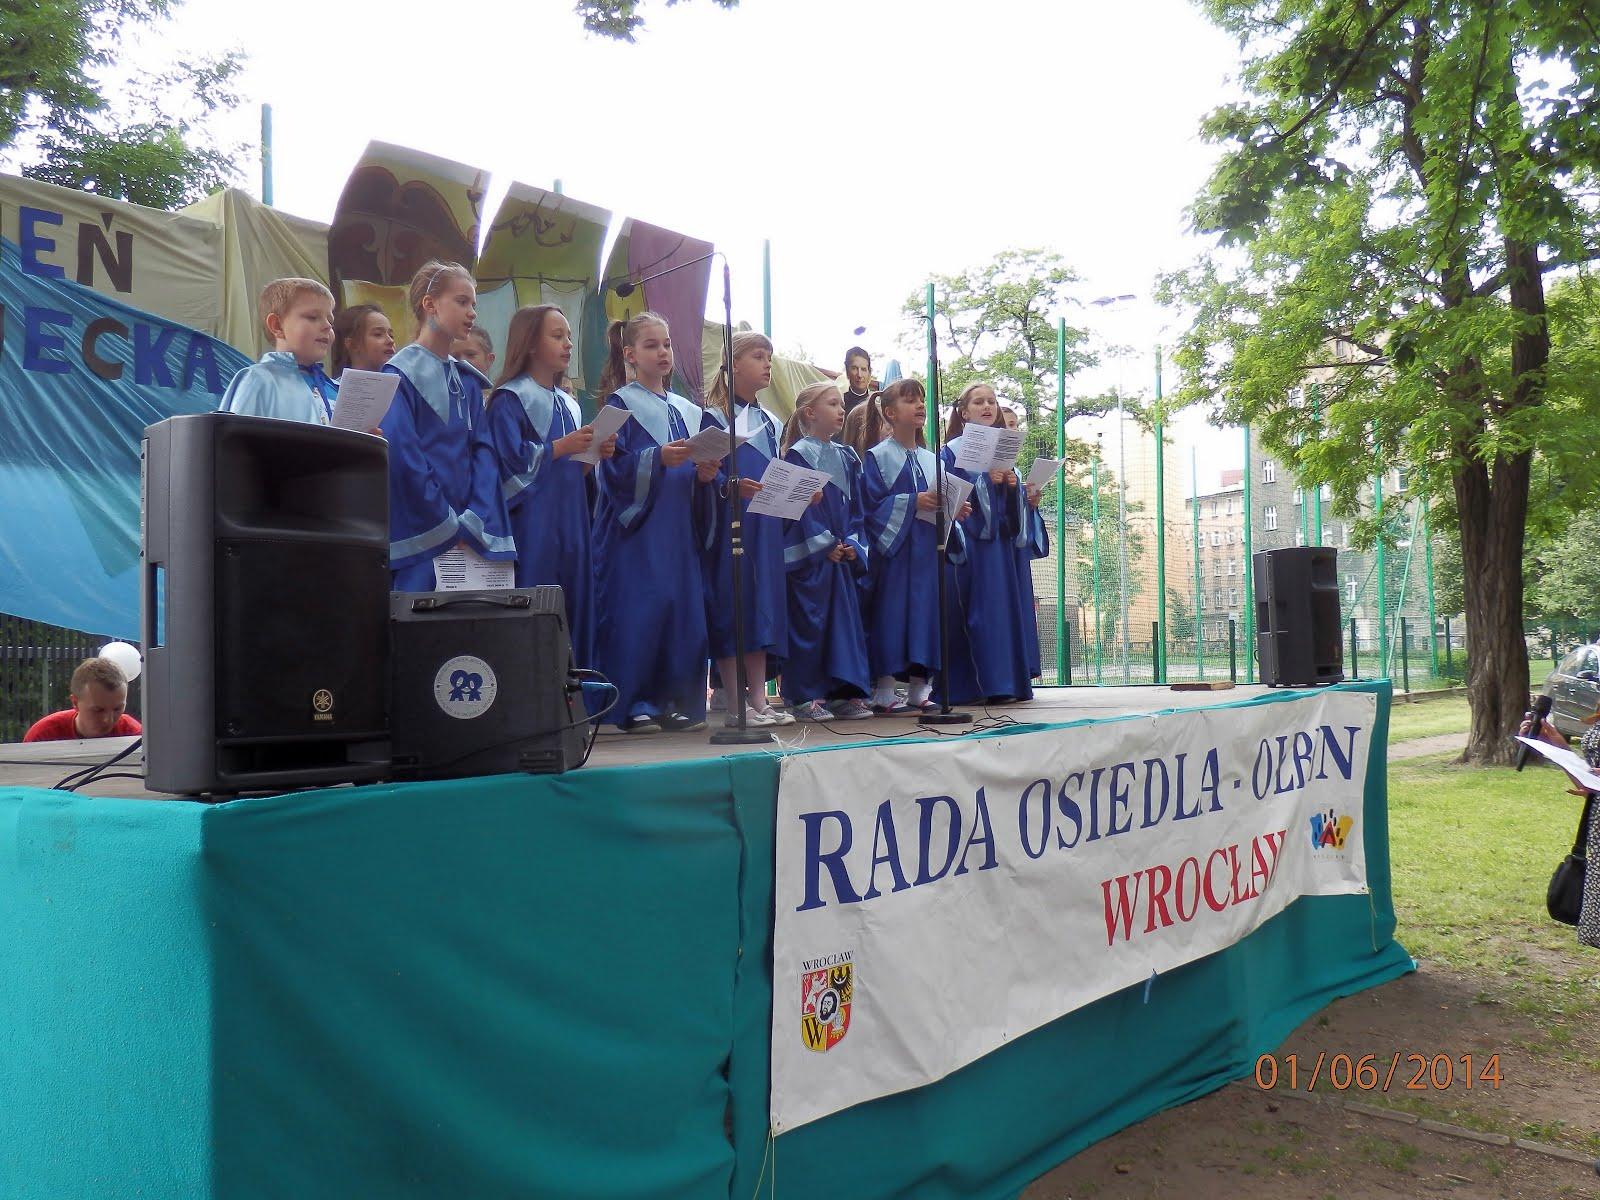 2014-06-01 Festyn Osiedlowy z okazji Dnia Dziecka (94) [9ggbhoddddogttOK0%].JPG